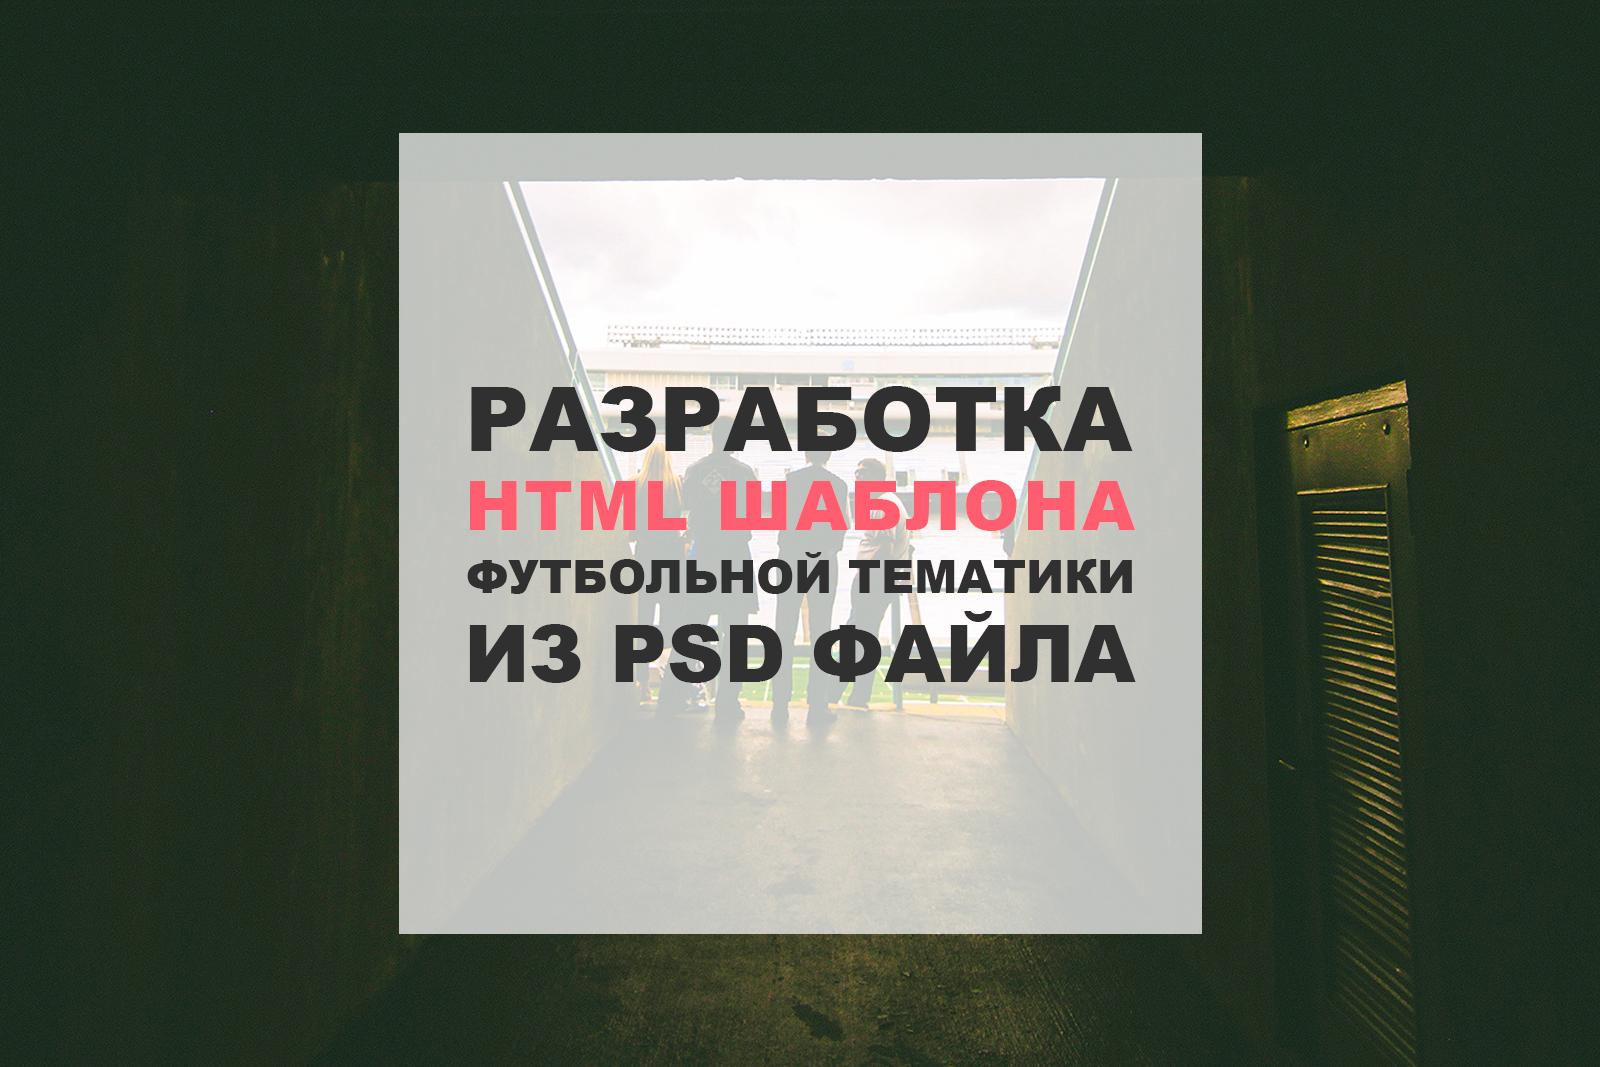 Верстаем дизайн футбольного шаблона в HTML